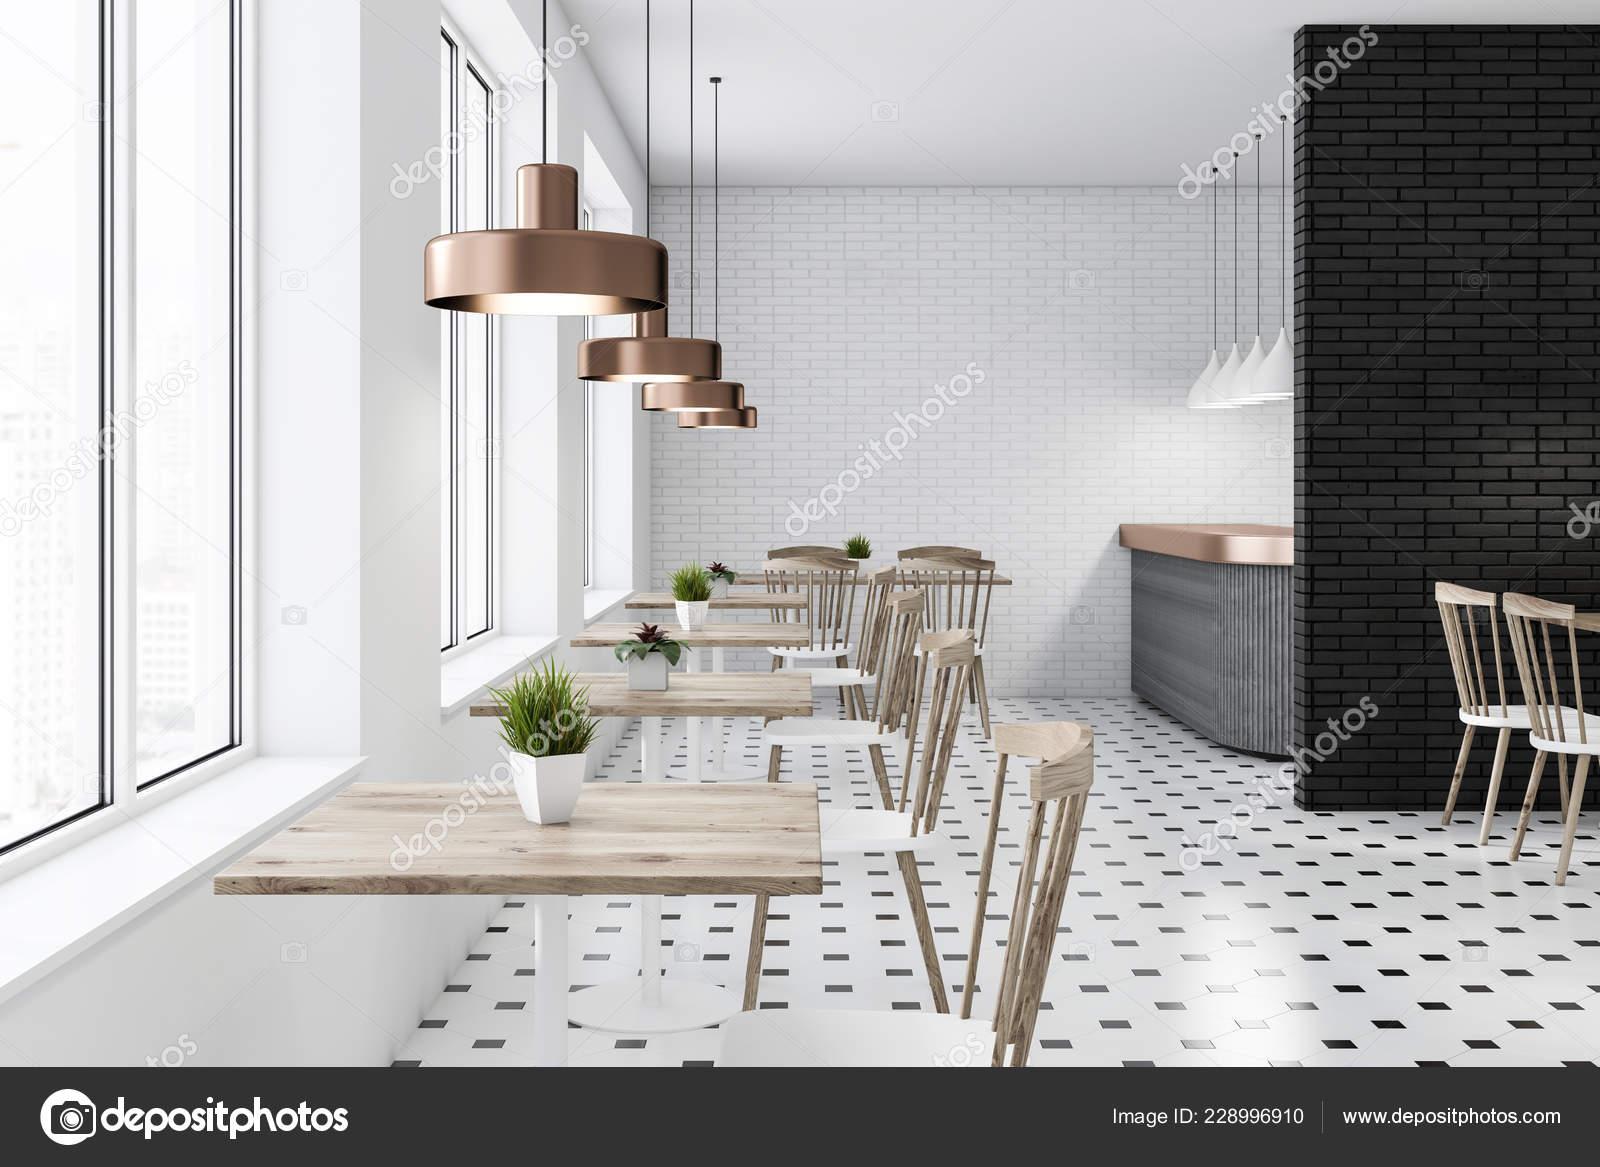 White Black Brick Restaurant Interior Tiled Floor Gray Bar Wooden Stock Photo C Denisismagilov 228996910